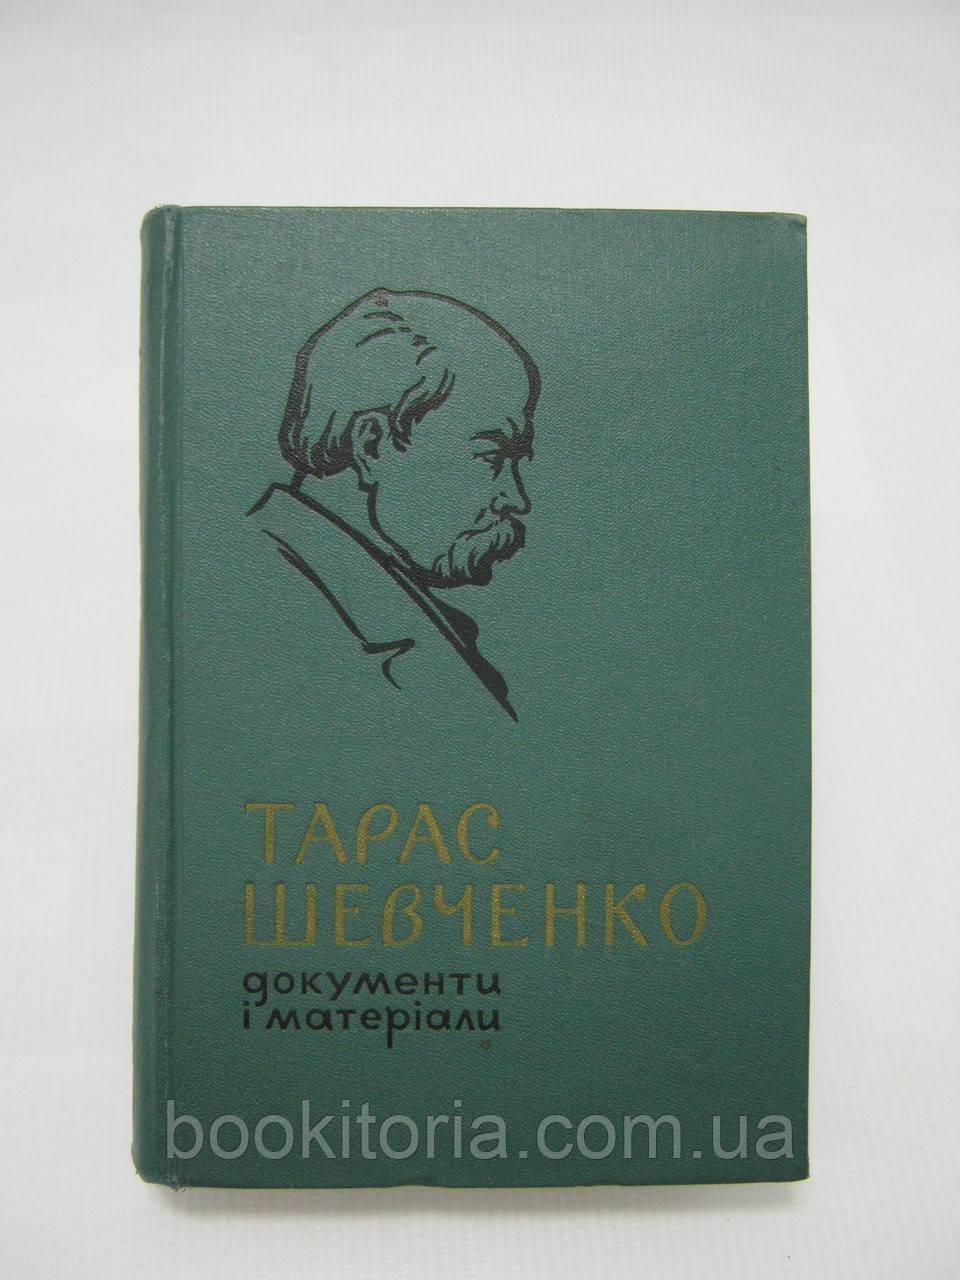 Тарас Шевченко. Документи і матеріали 1814 - 1963 (б/у).